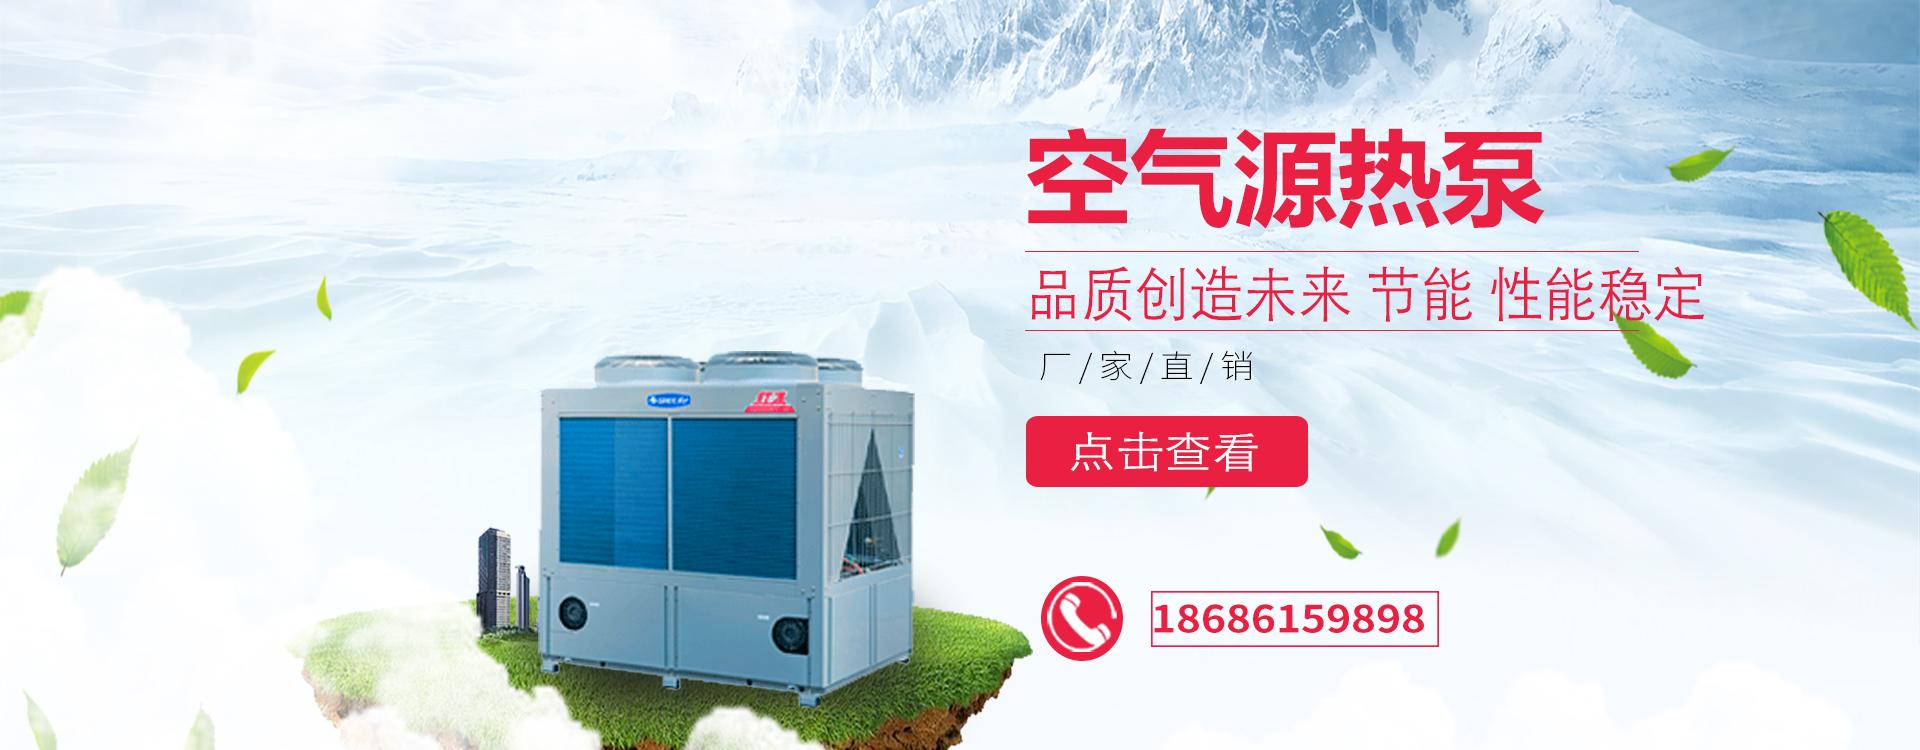 内蒙古空气源热泵,内蒙古空气能供暖,内蒙古煤改电